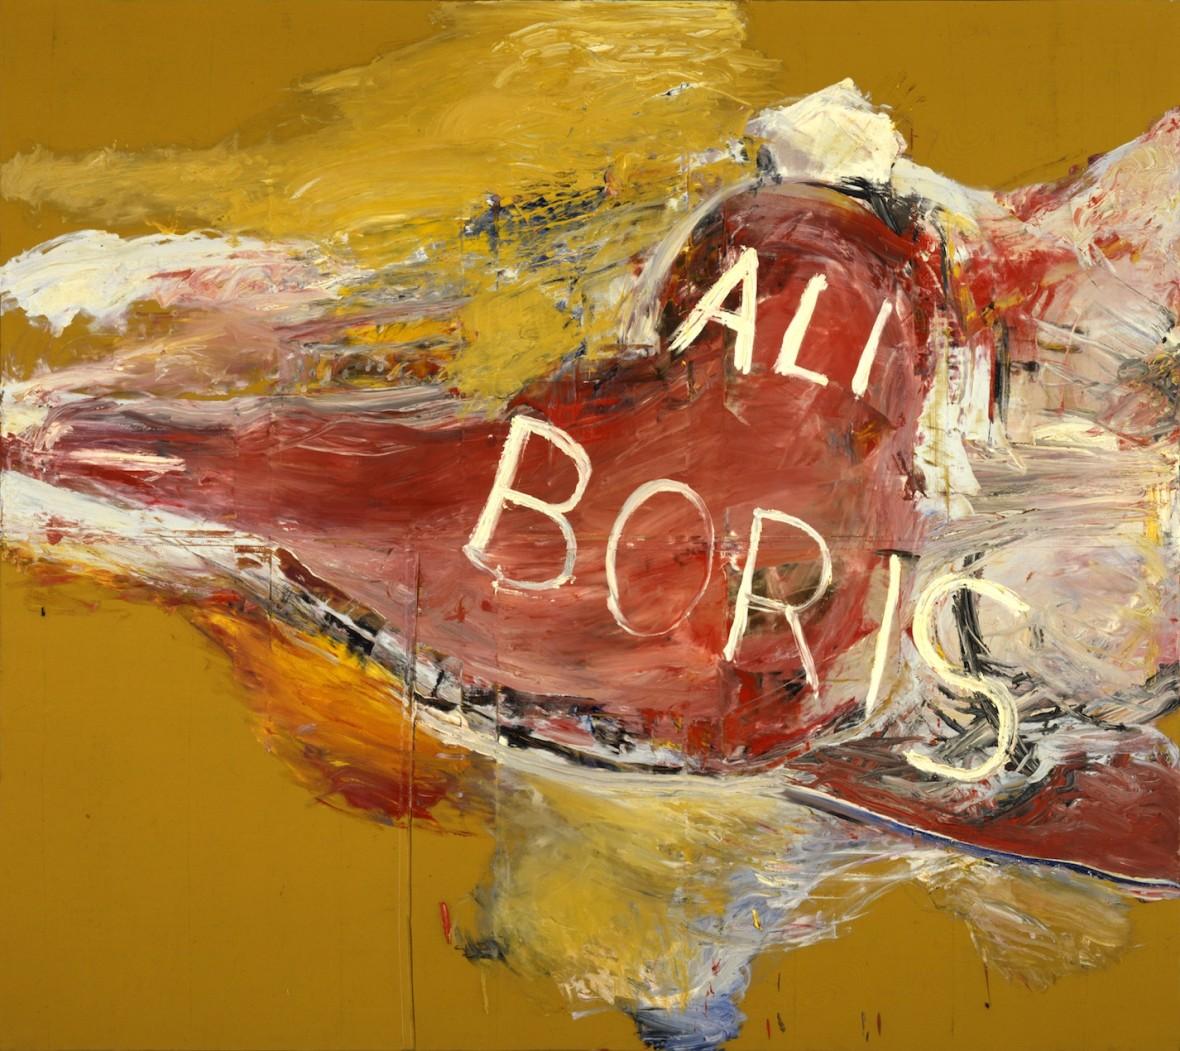 Ali Boris